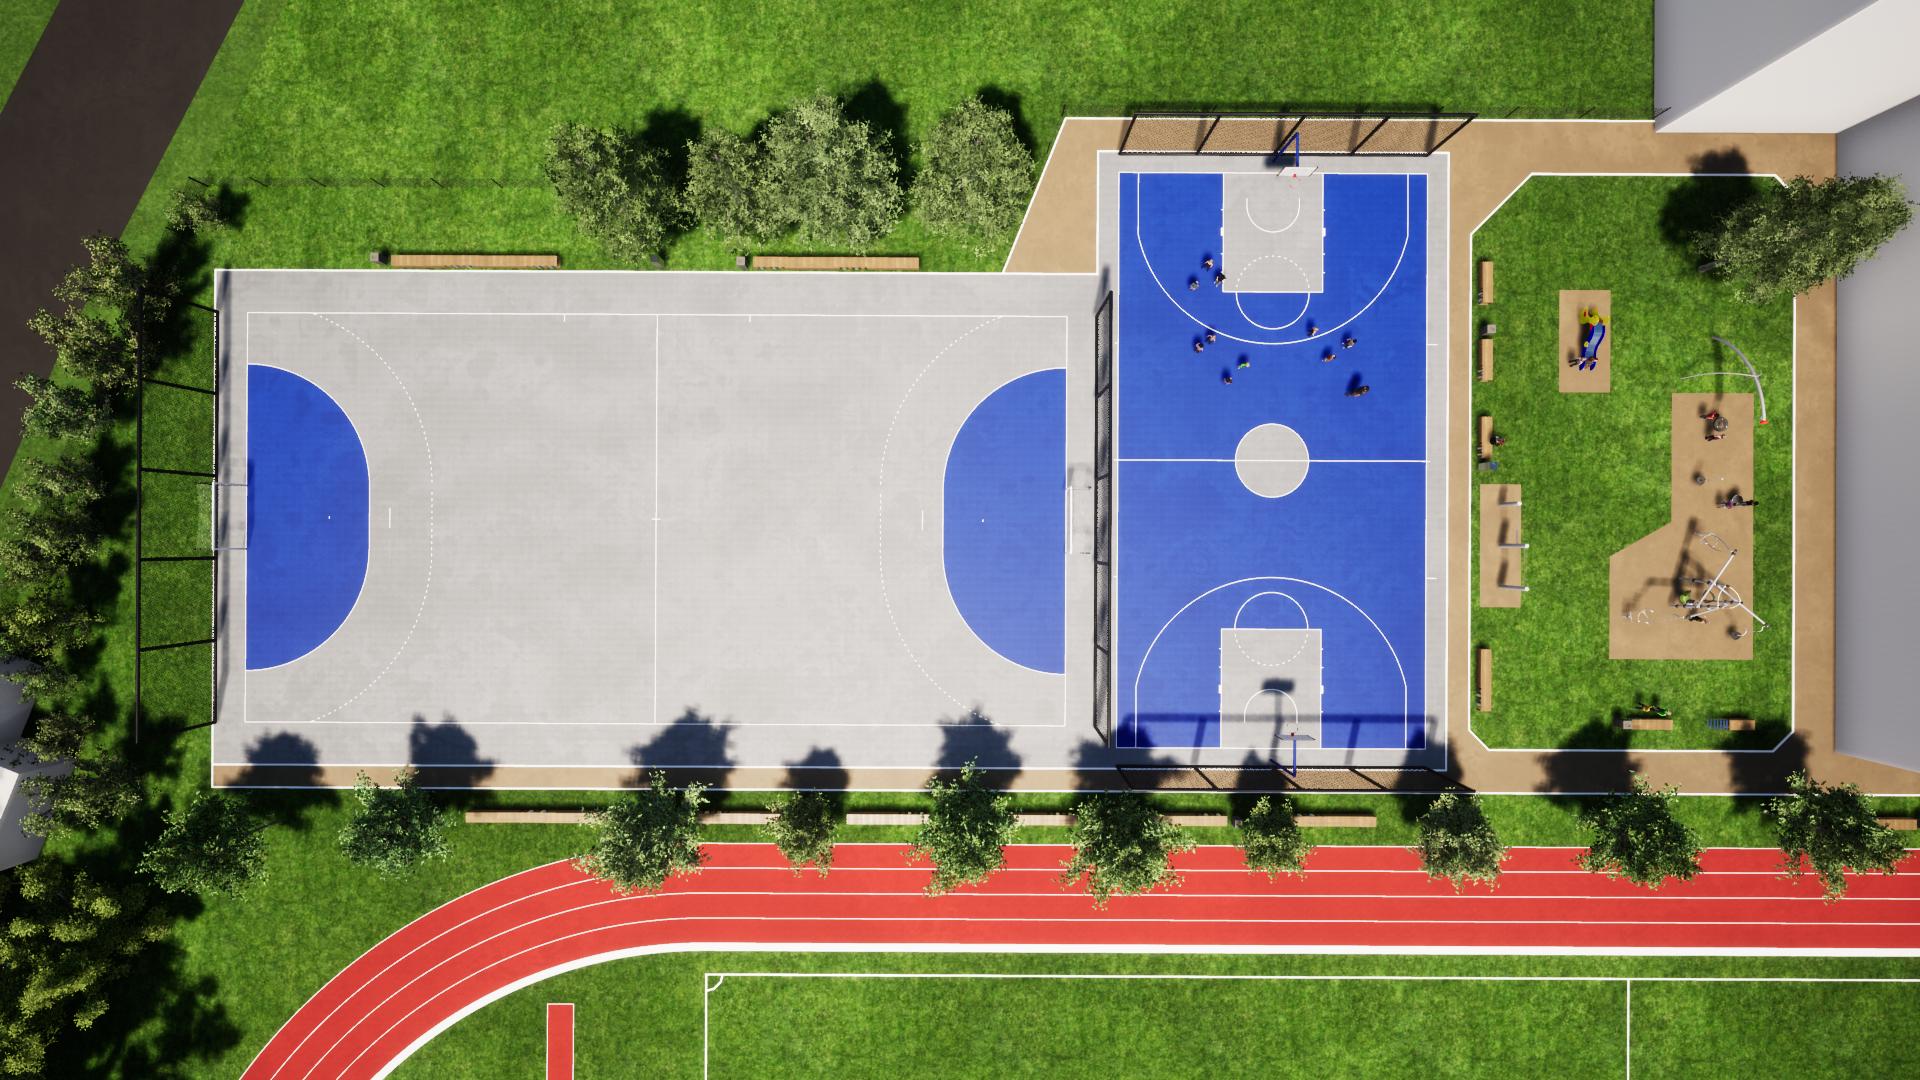 Ureditev-modernizacija igrišč v športnem parku v Črenšovcih